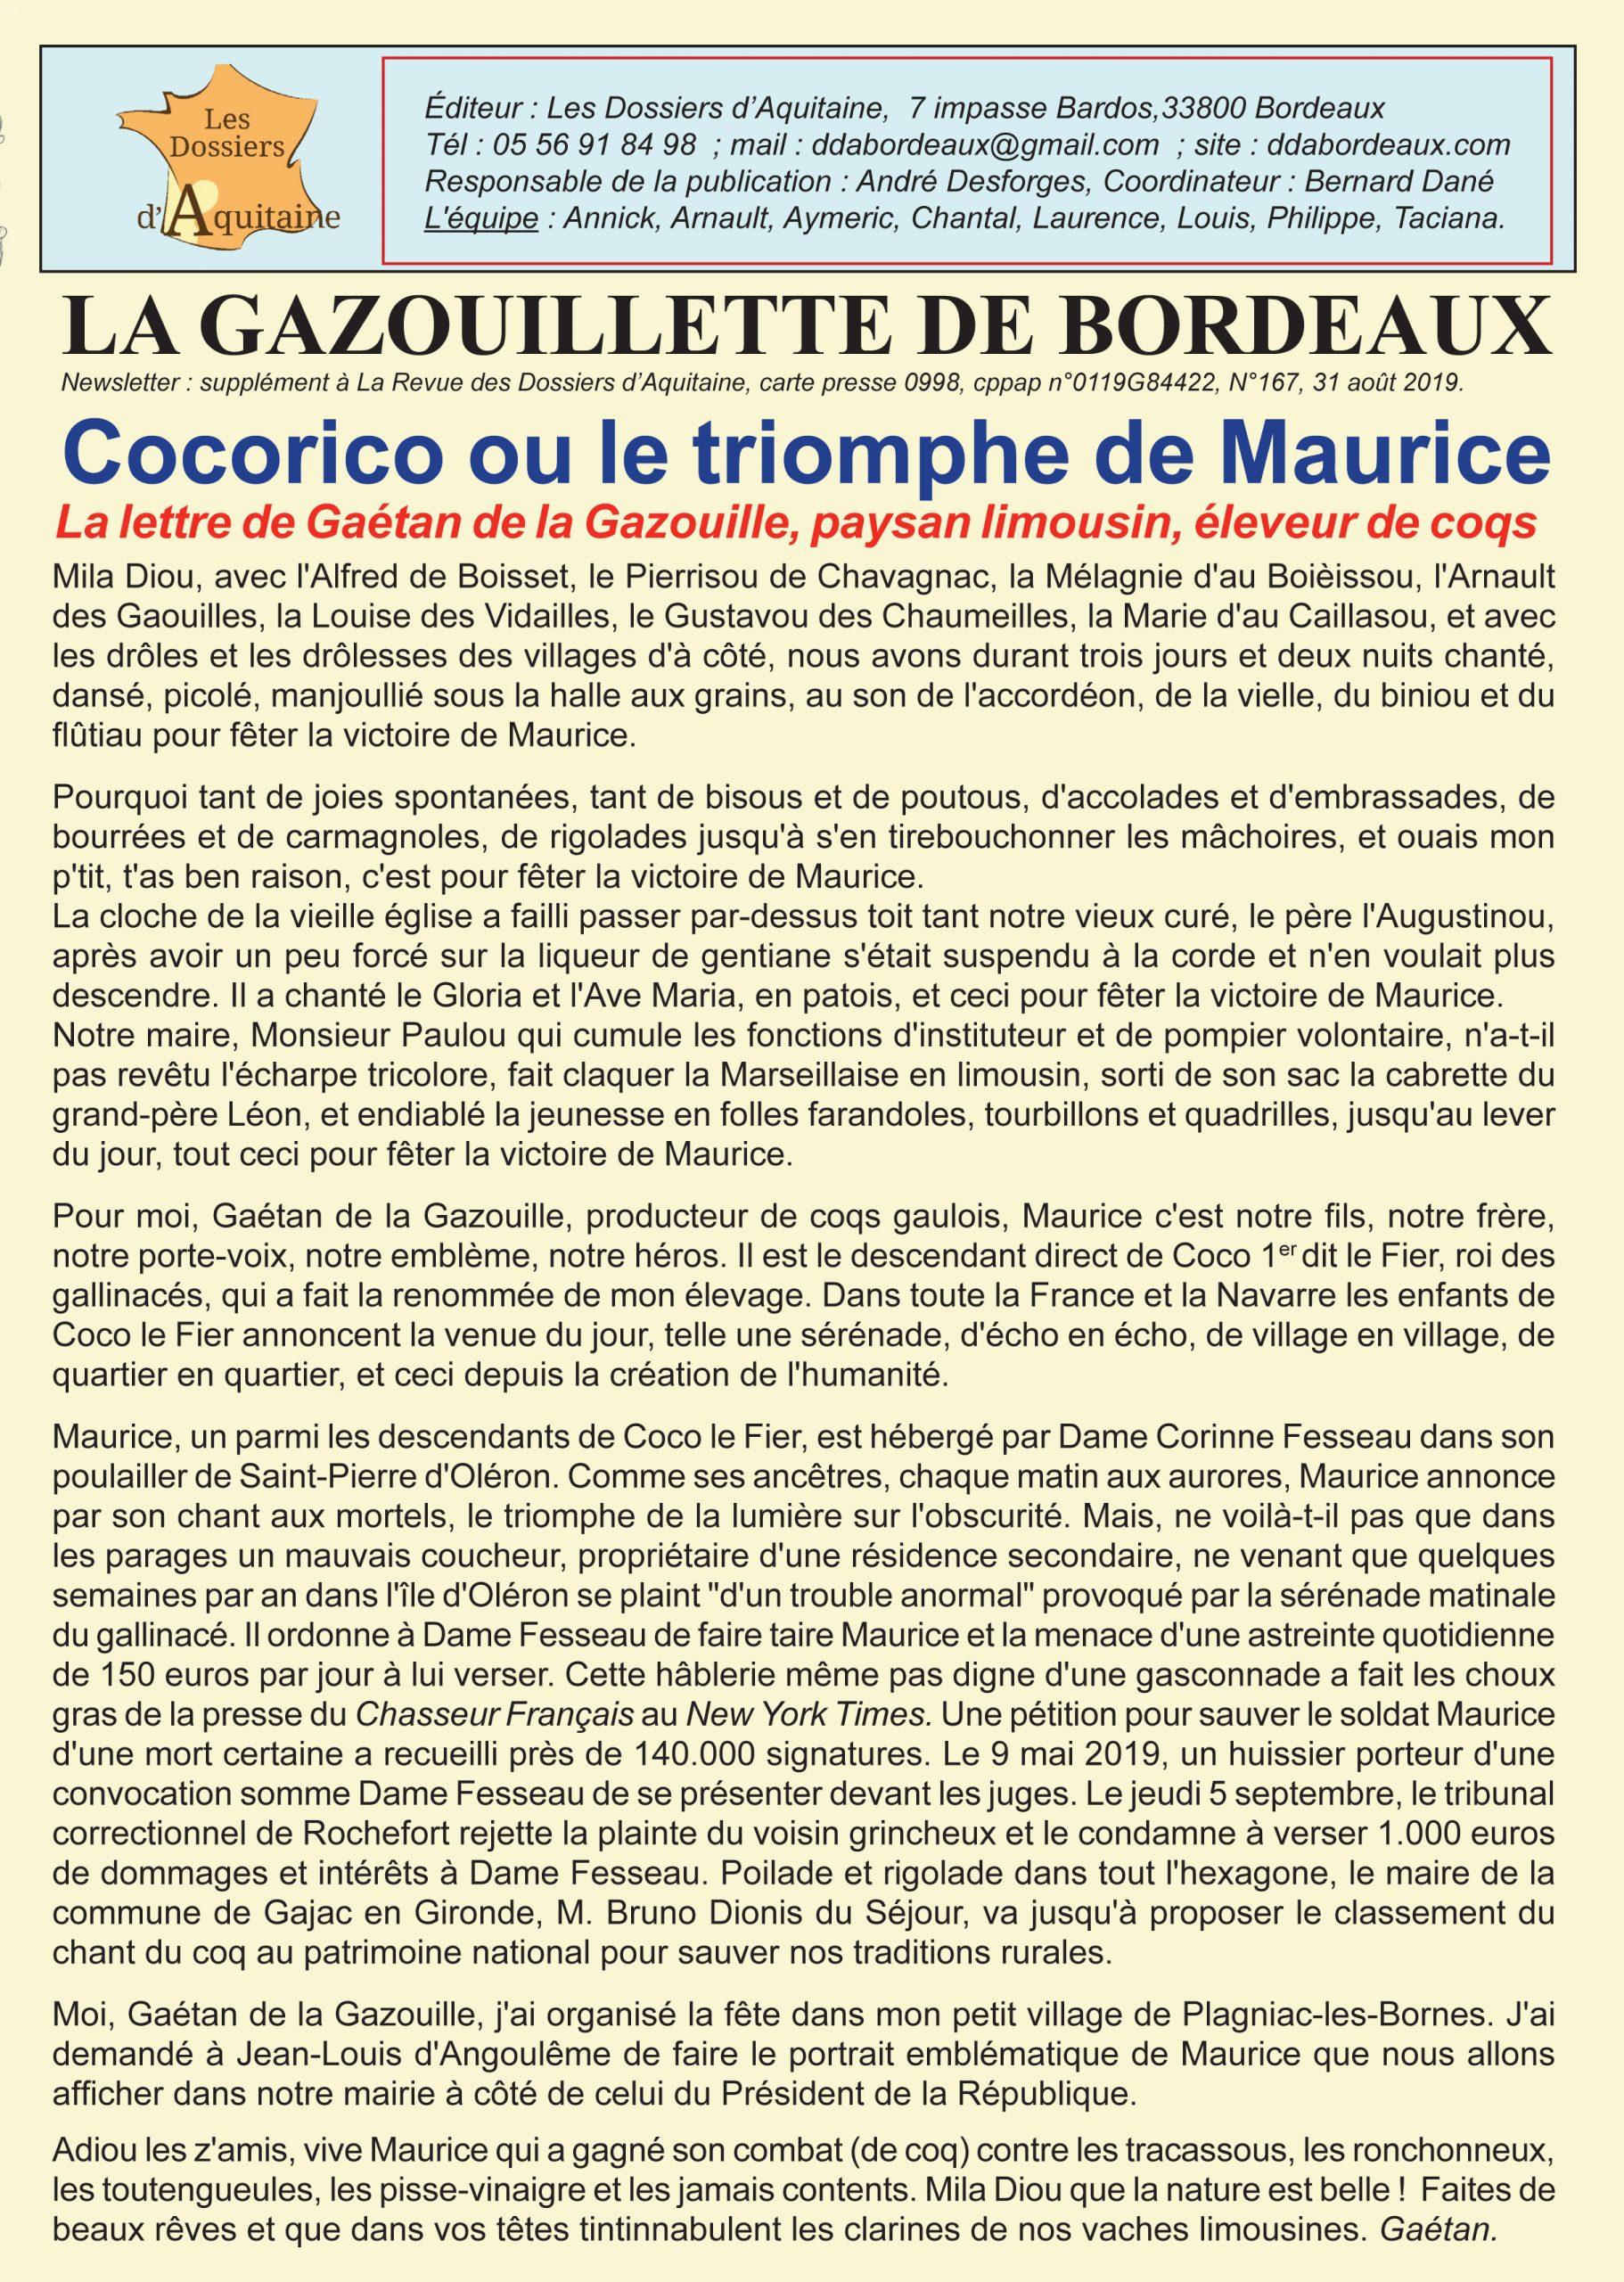 Cocorico ou le triomphe de Maurice